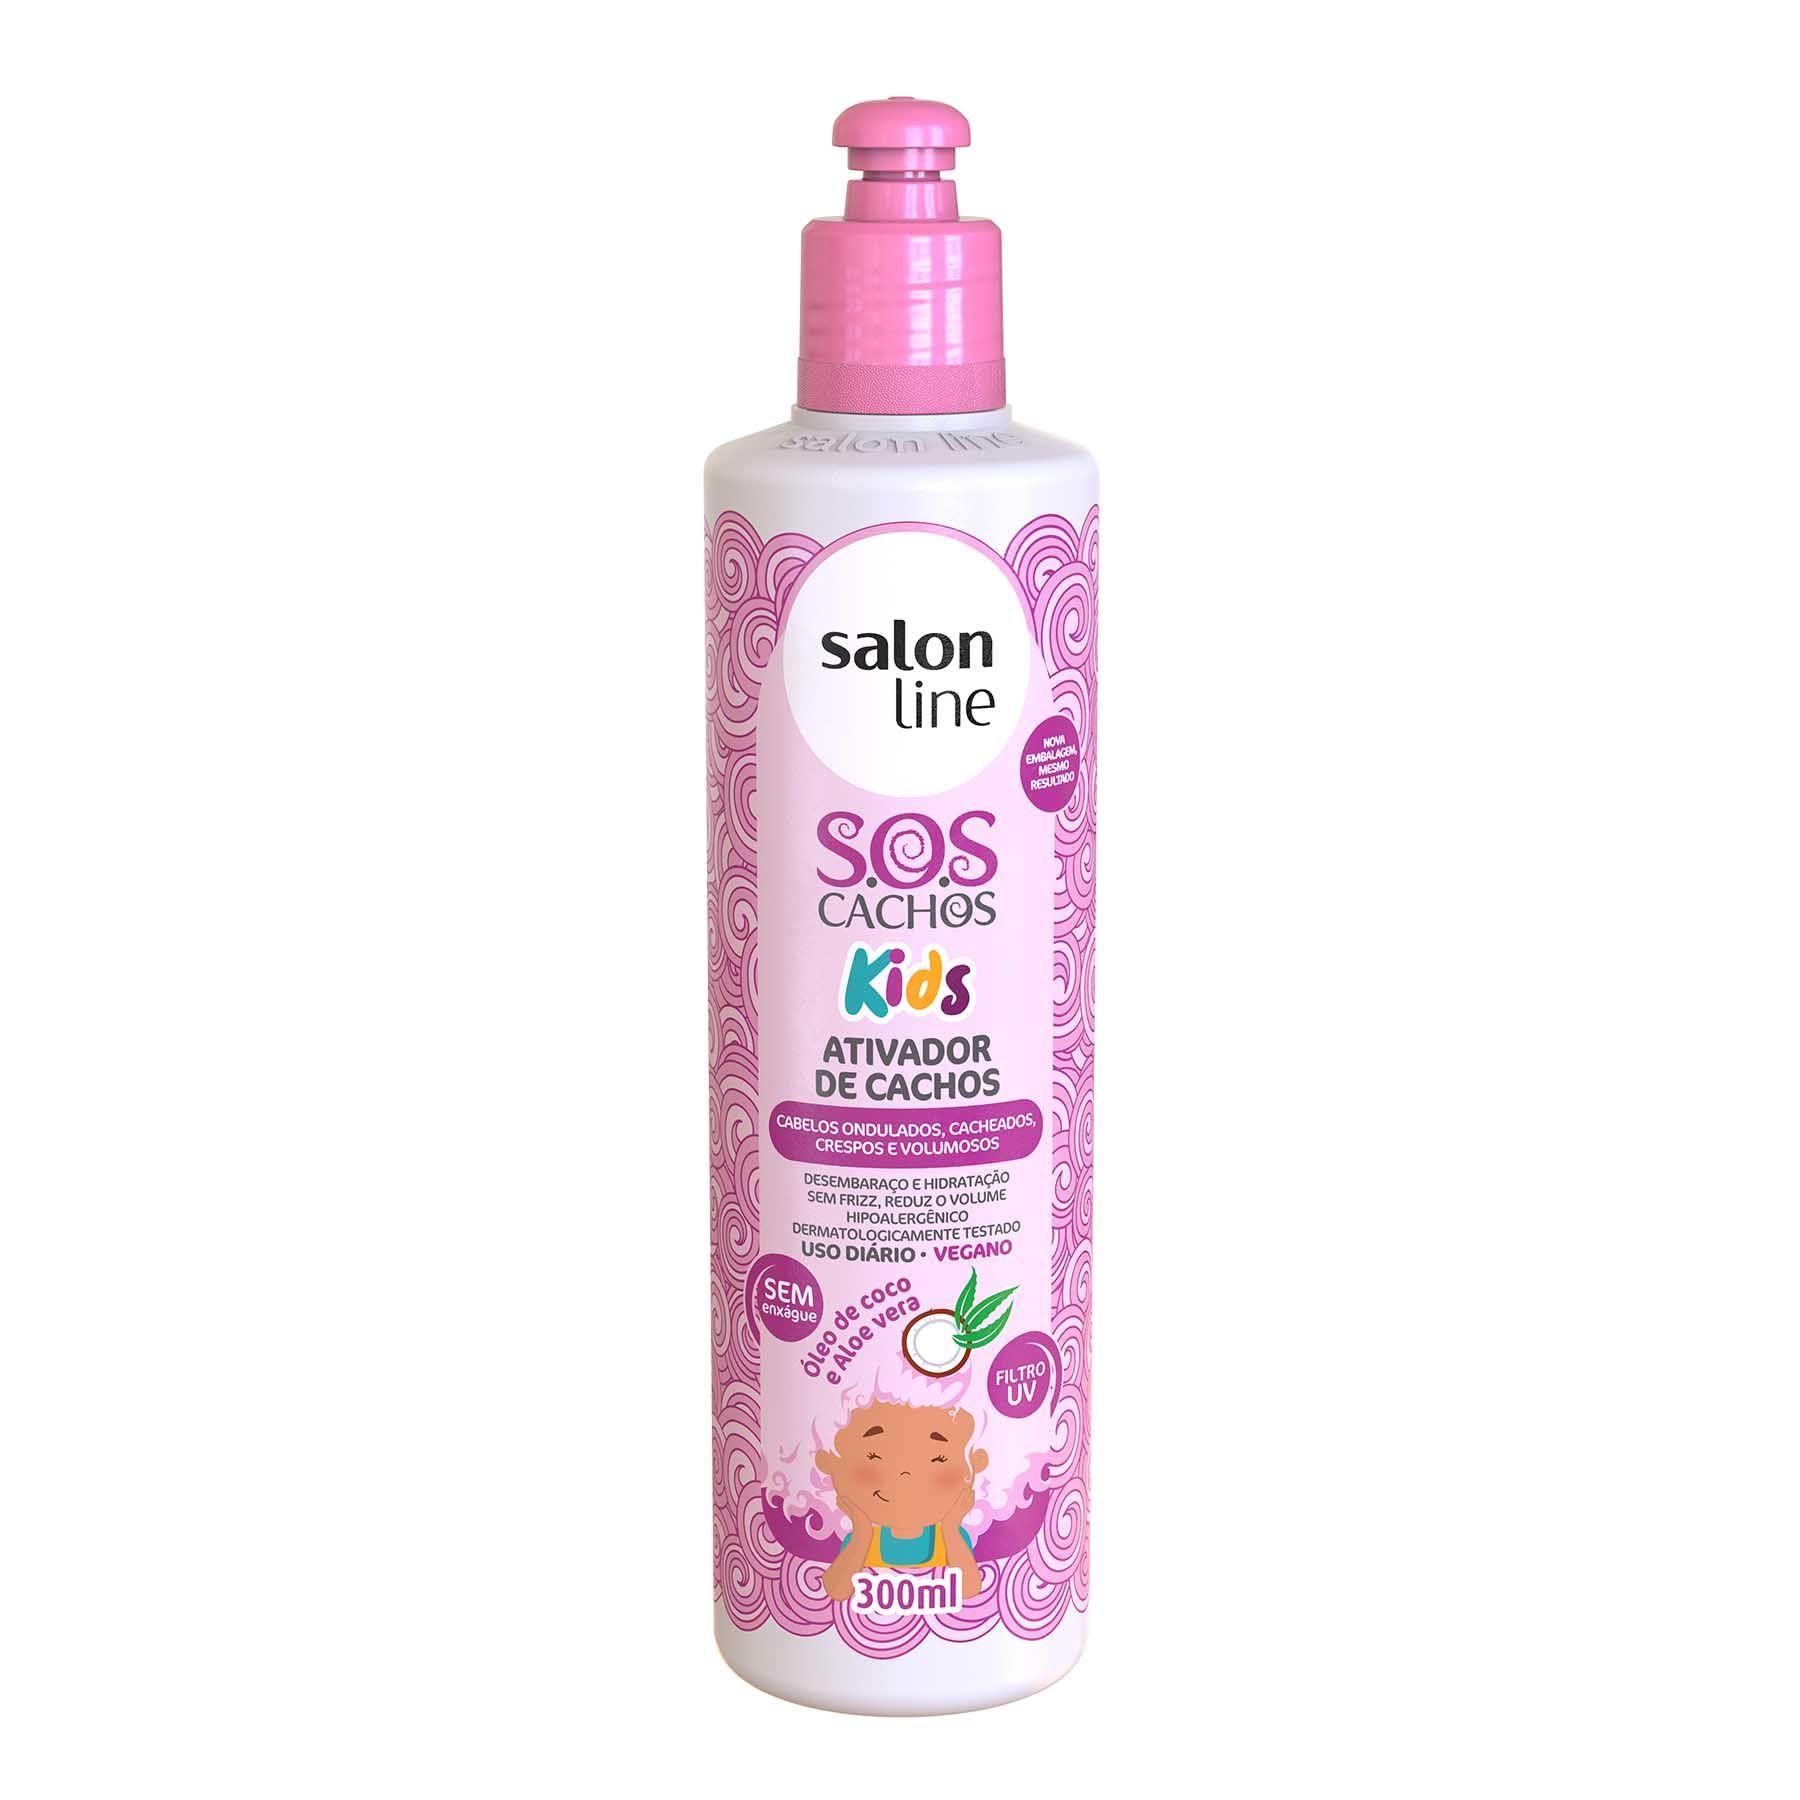 Salon Line Ativador de Cachos S.O.S Cachos Kids 300ml